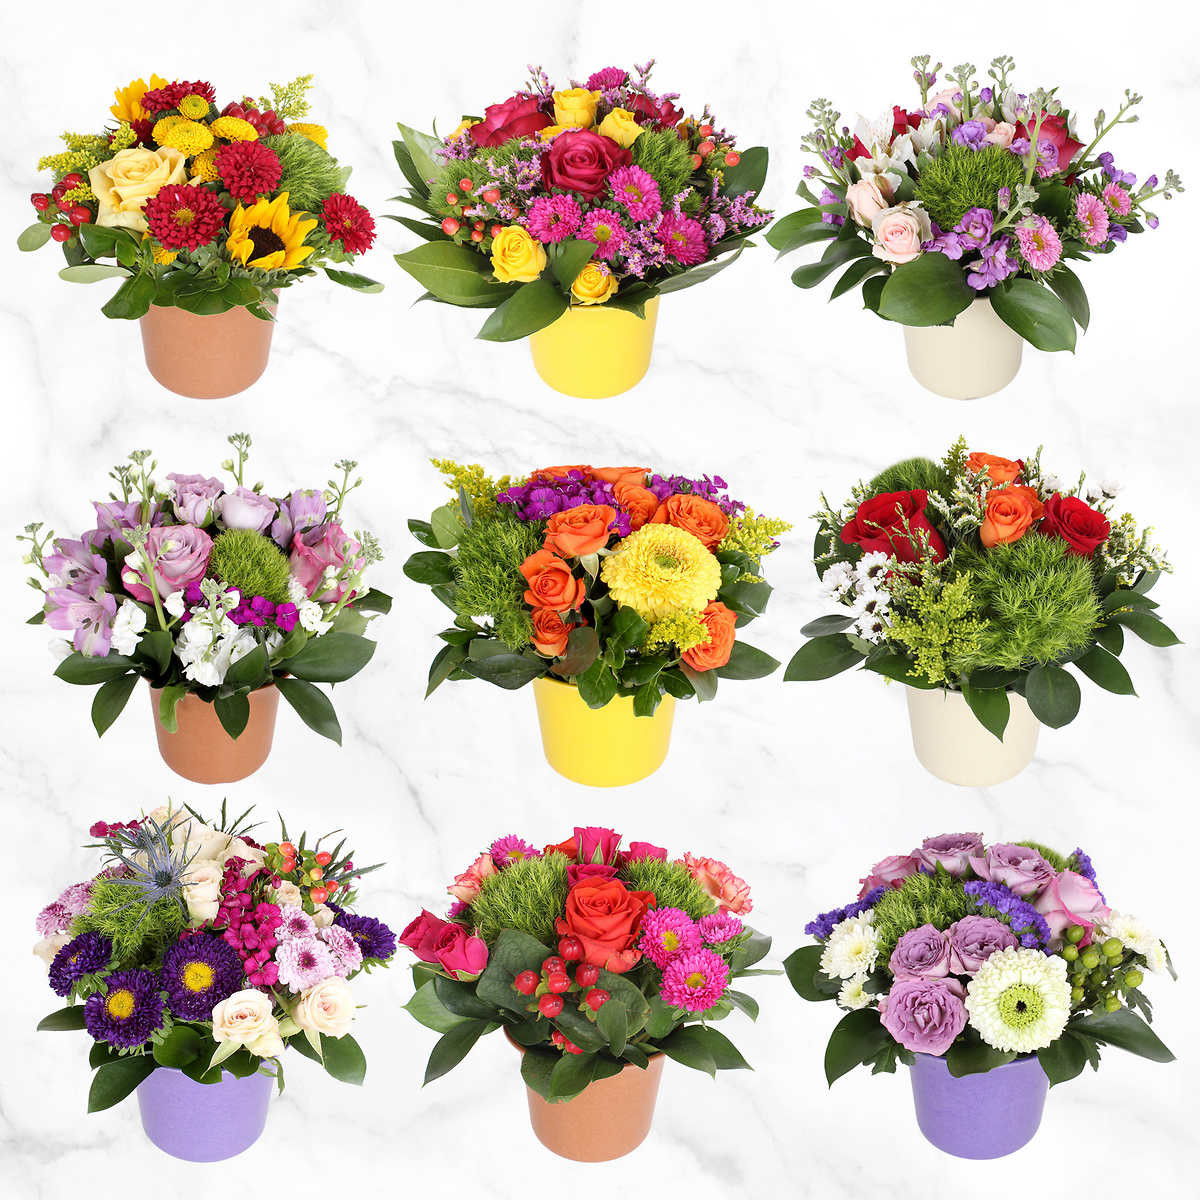 Mini Floral Centerpieces 9 Count